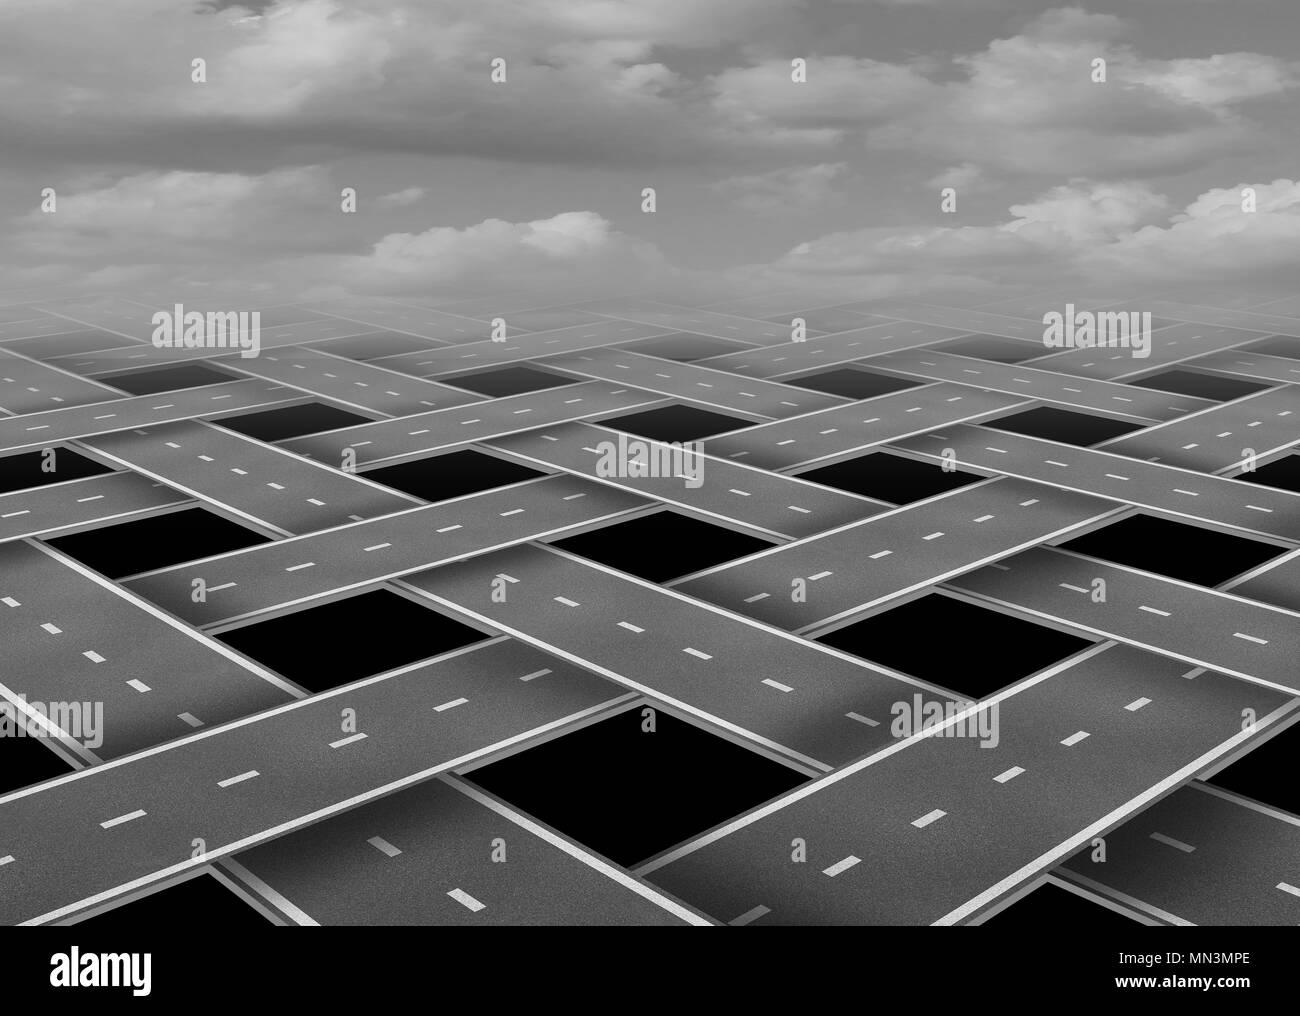 Organisation des transports et de la route en tant que concept géré en commun organisé avec 3D illustration éléments. Photo Stock